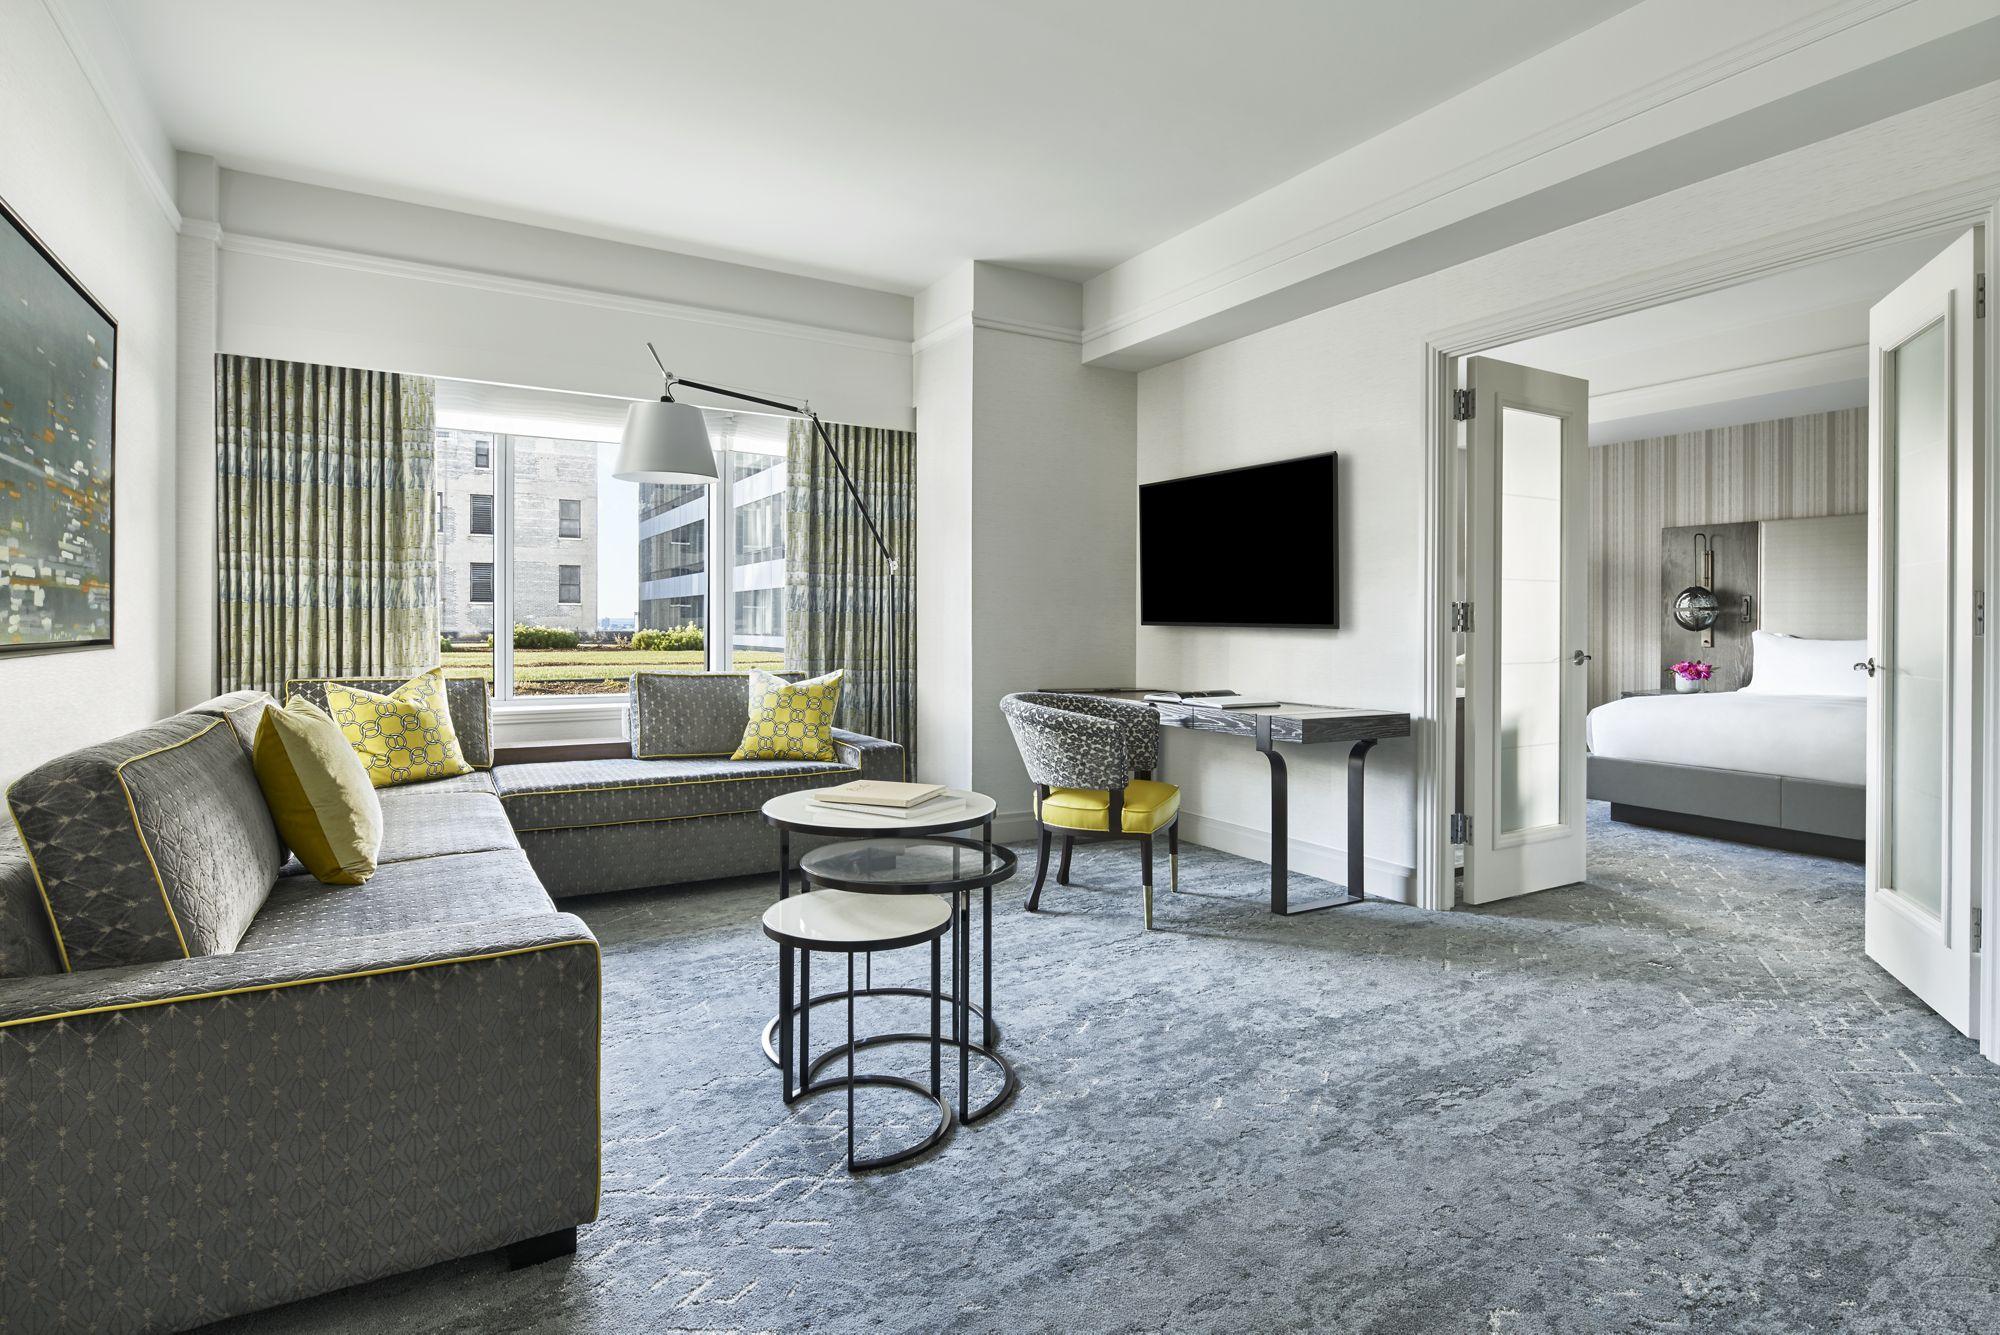 The Ritz-Carlton, Boston image 1